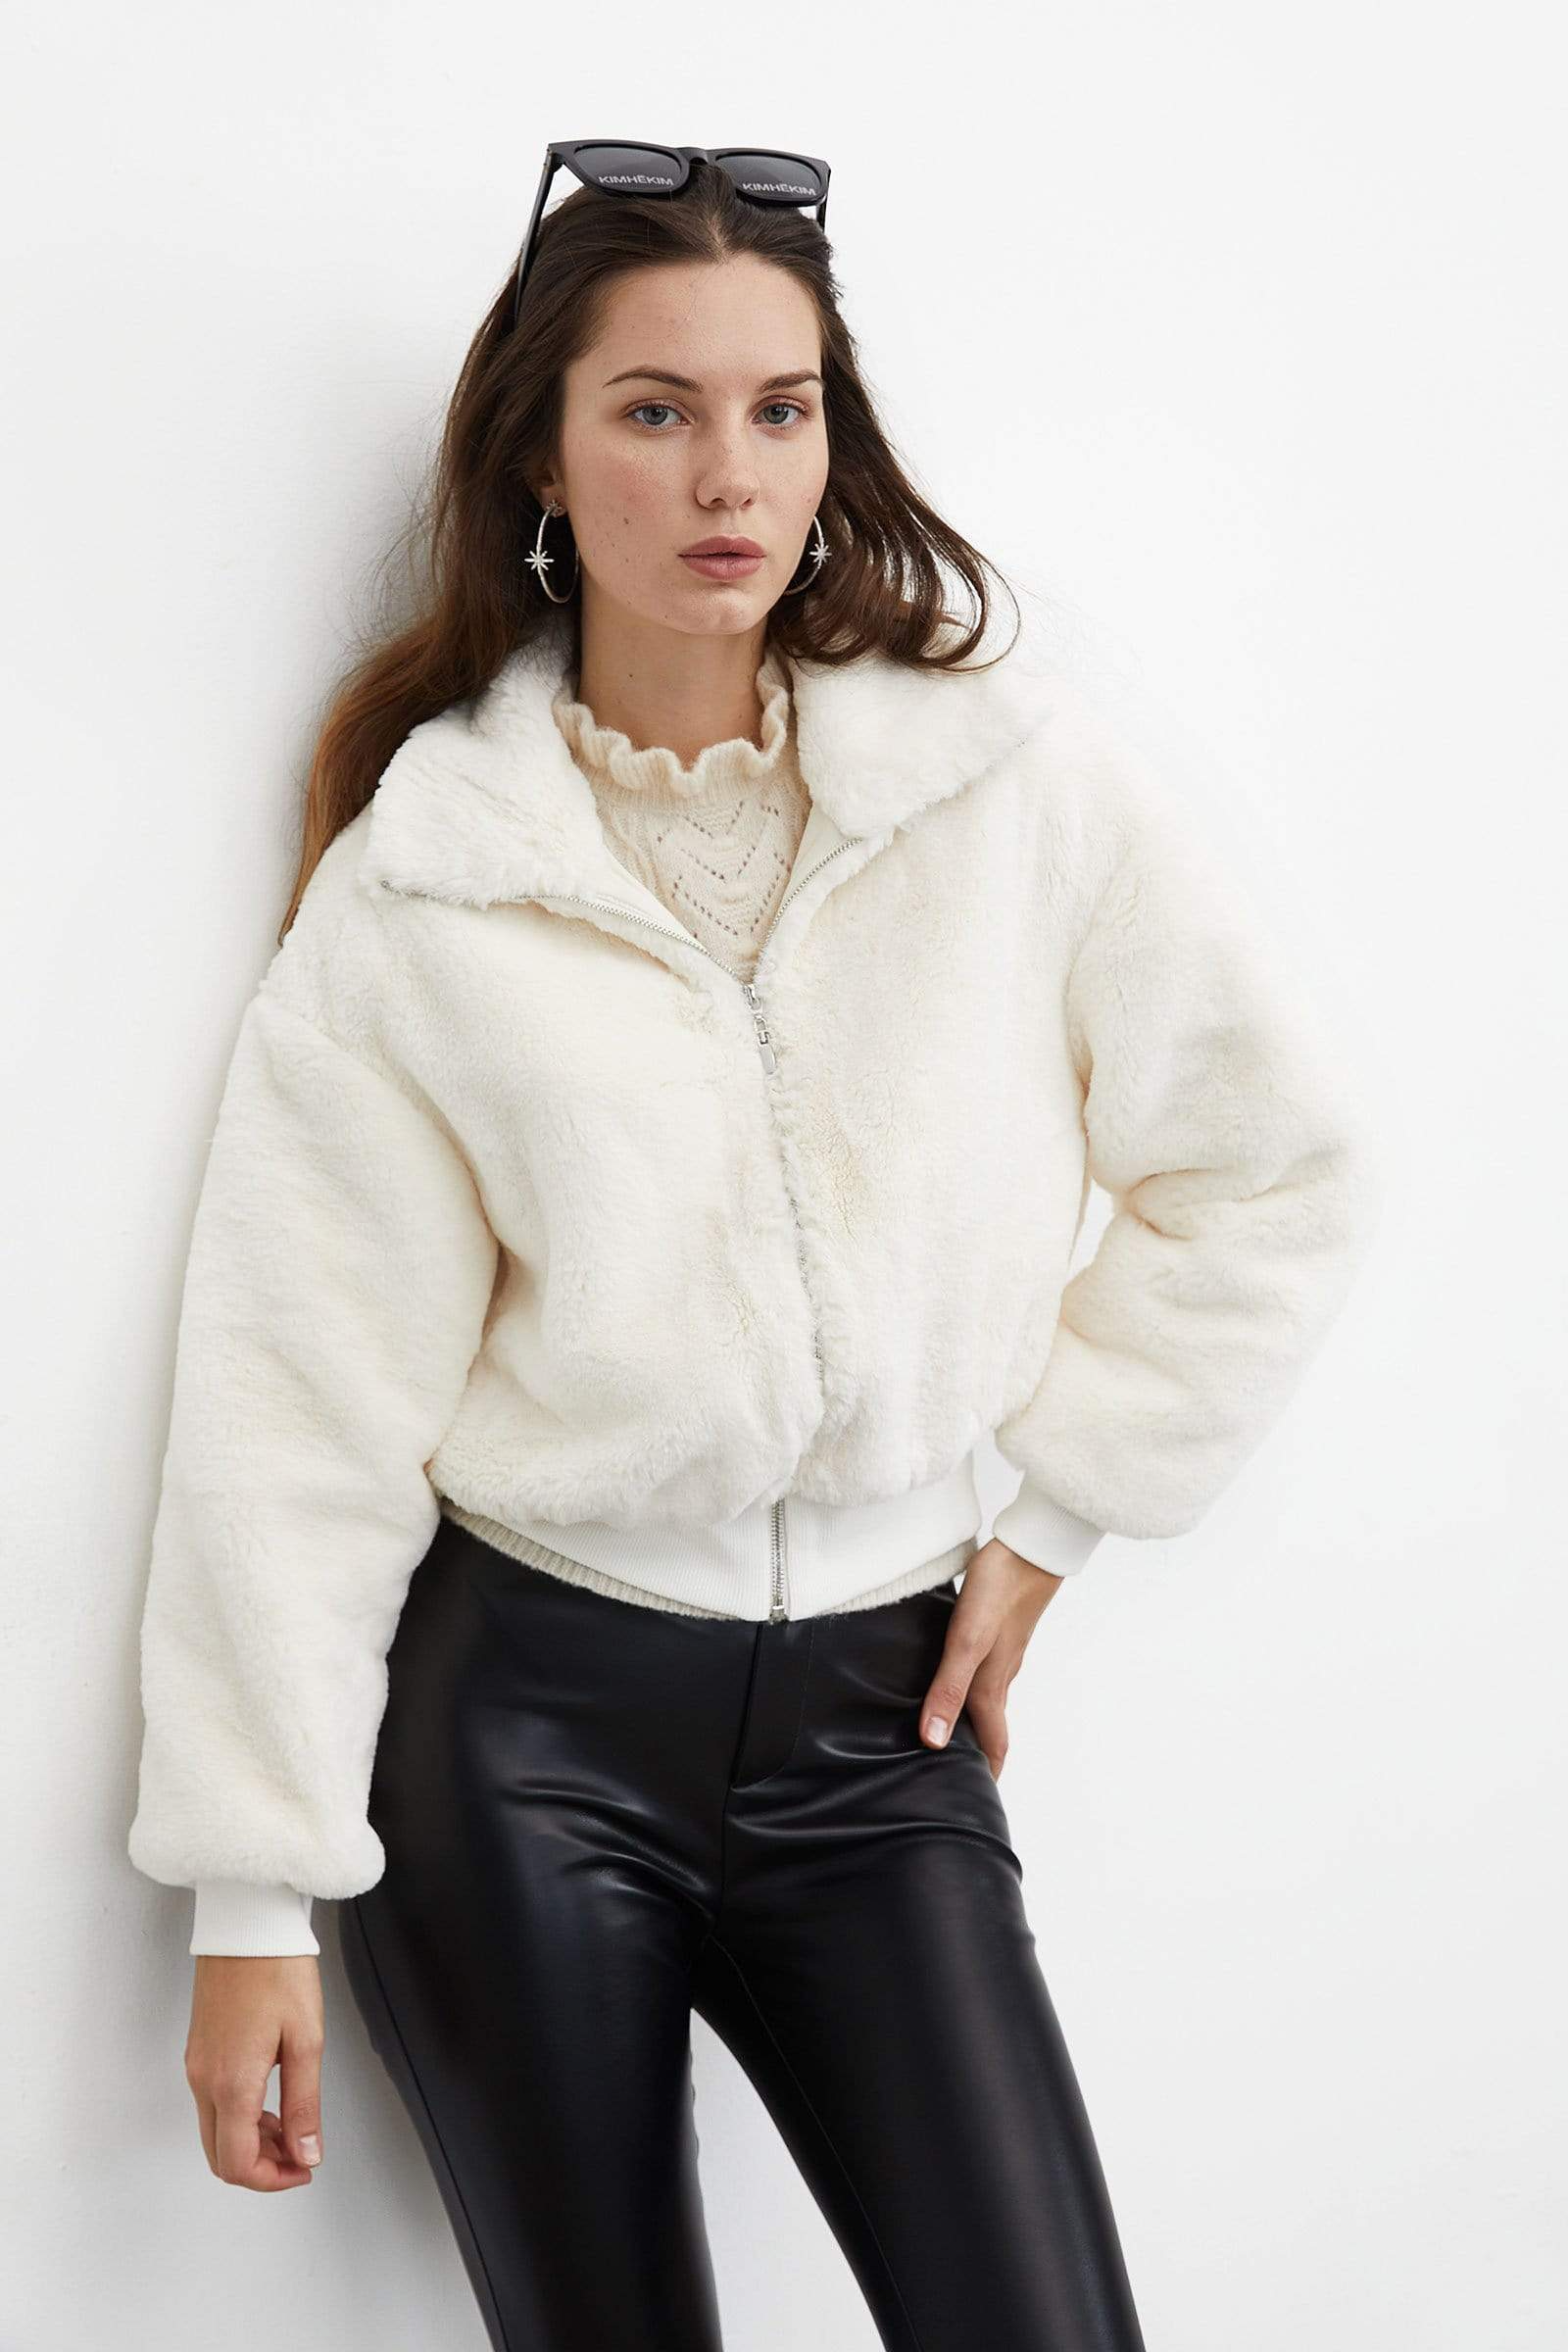 Tasha Tan Loose Blazer by J.ING Women's Work Wear Clothing